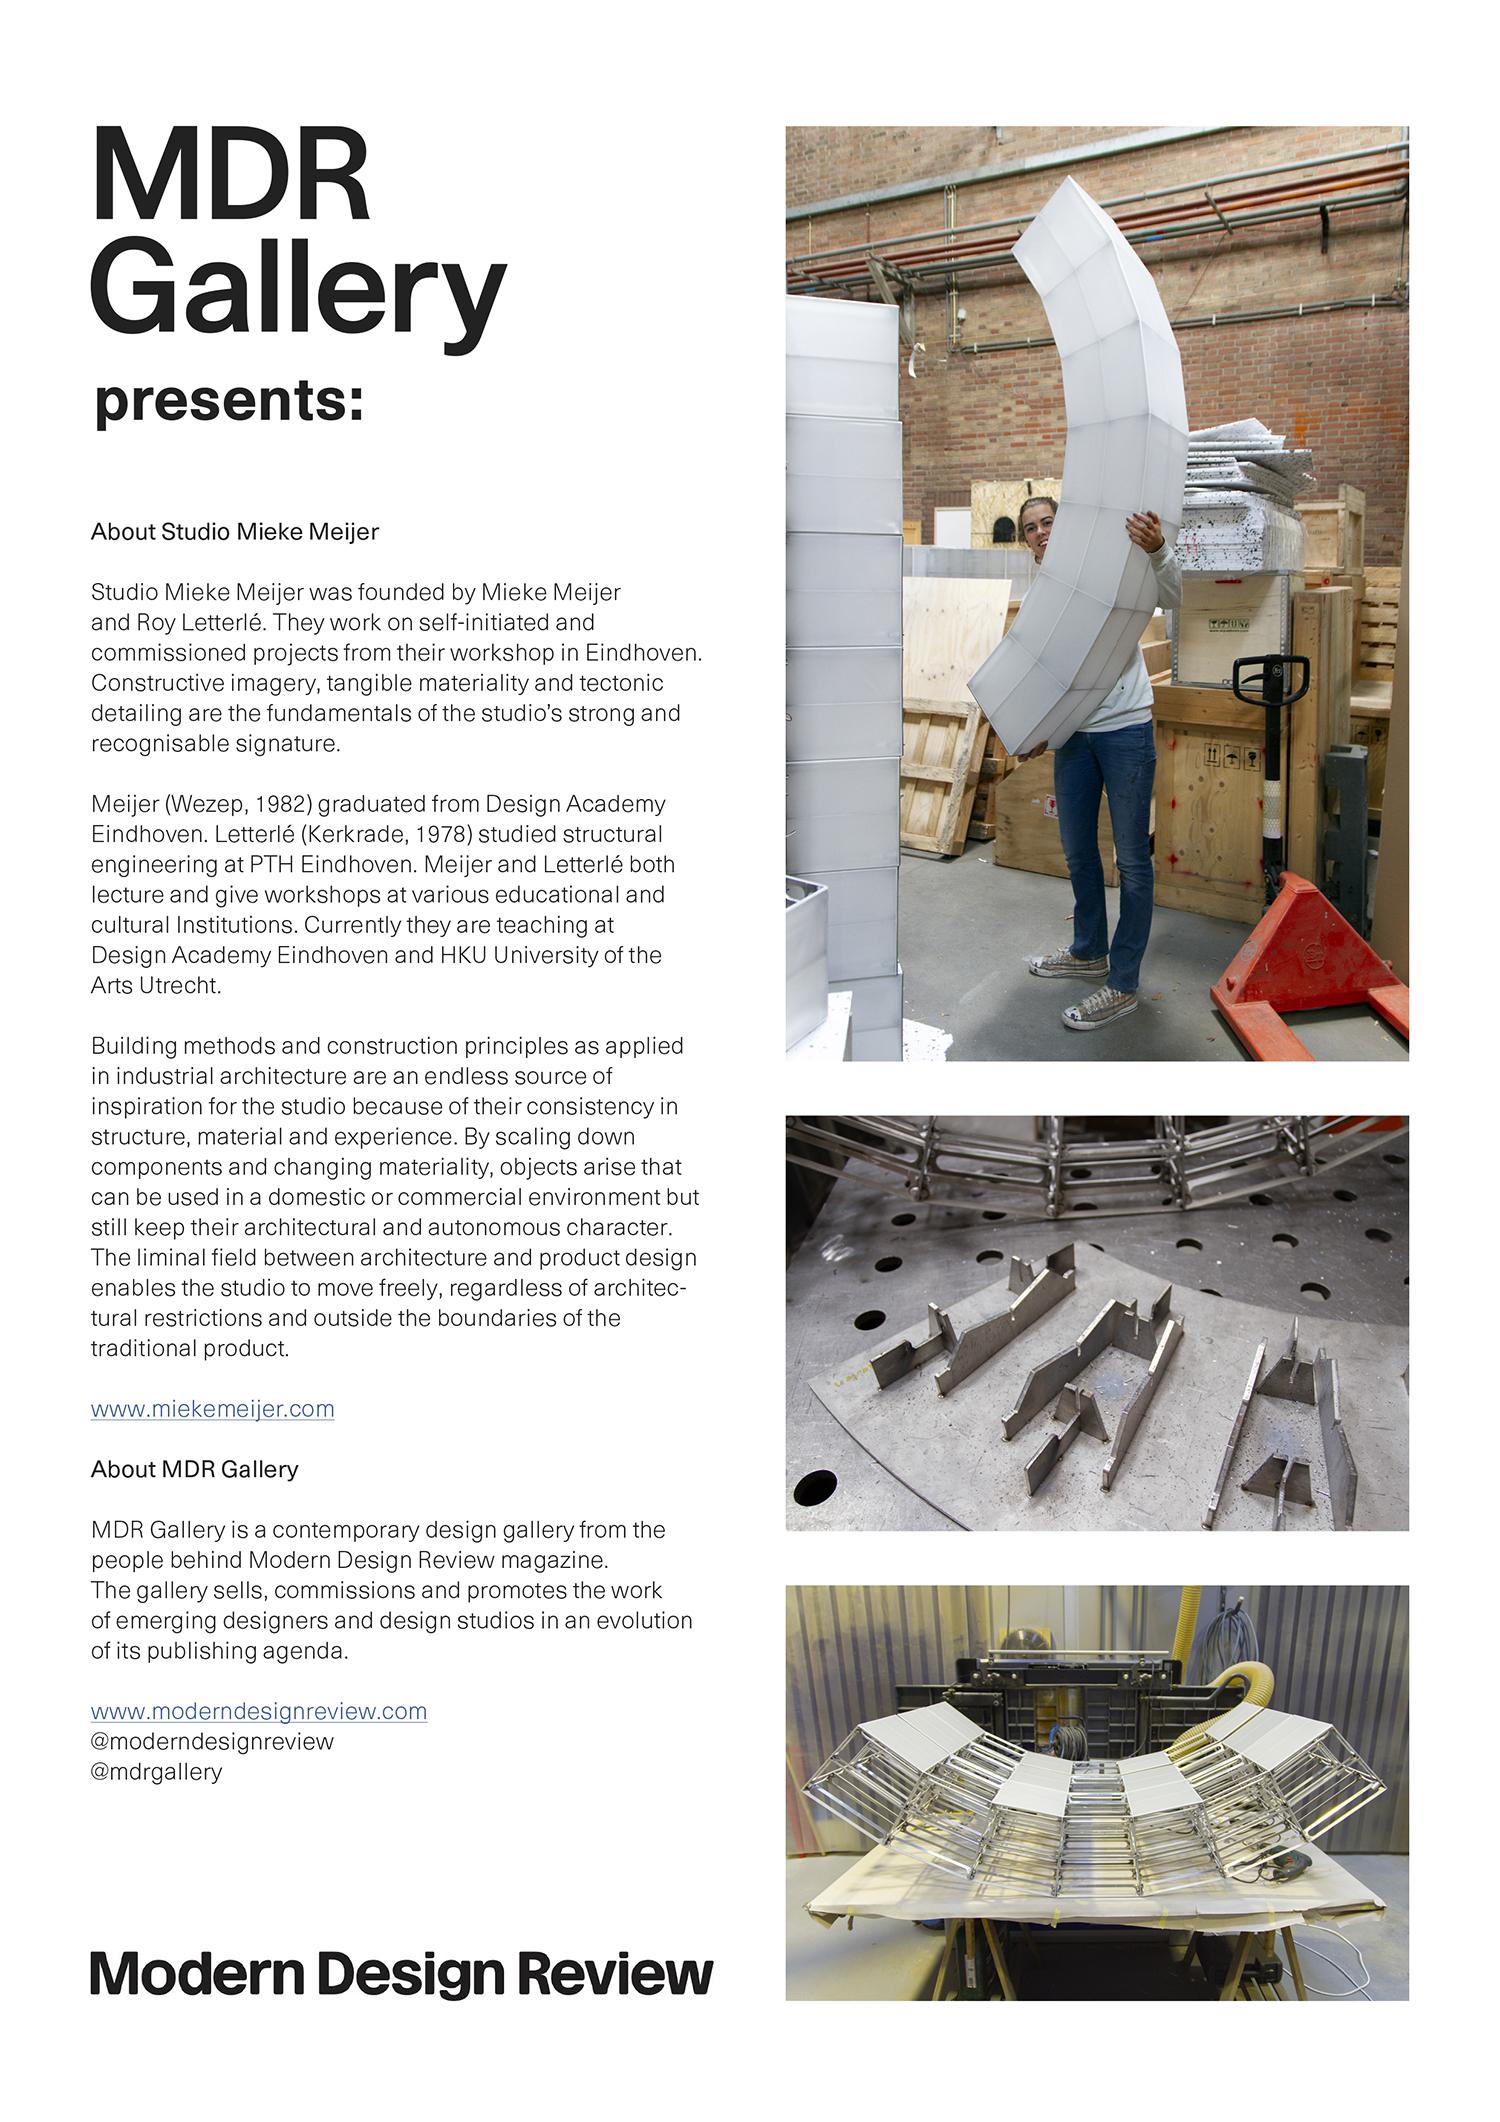 Mieke Meijer Lights Press Release 01.11.18-2.jpg